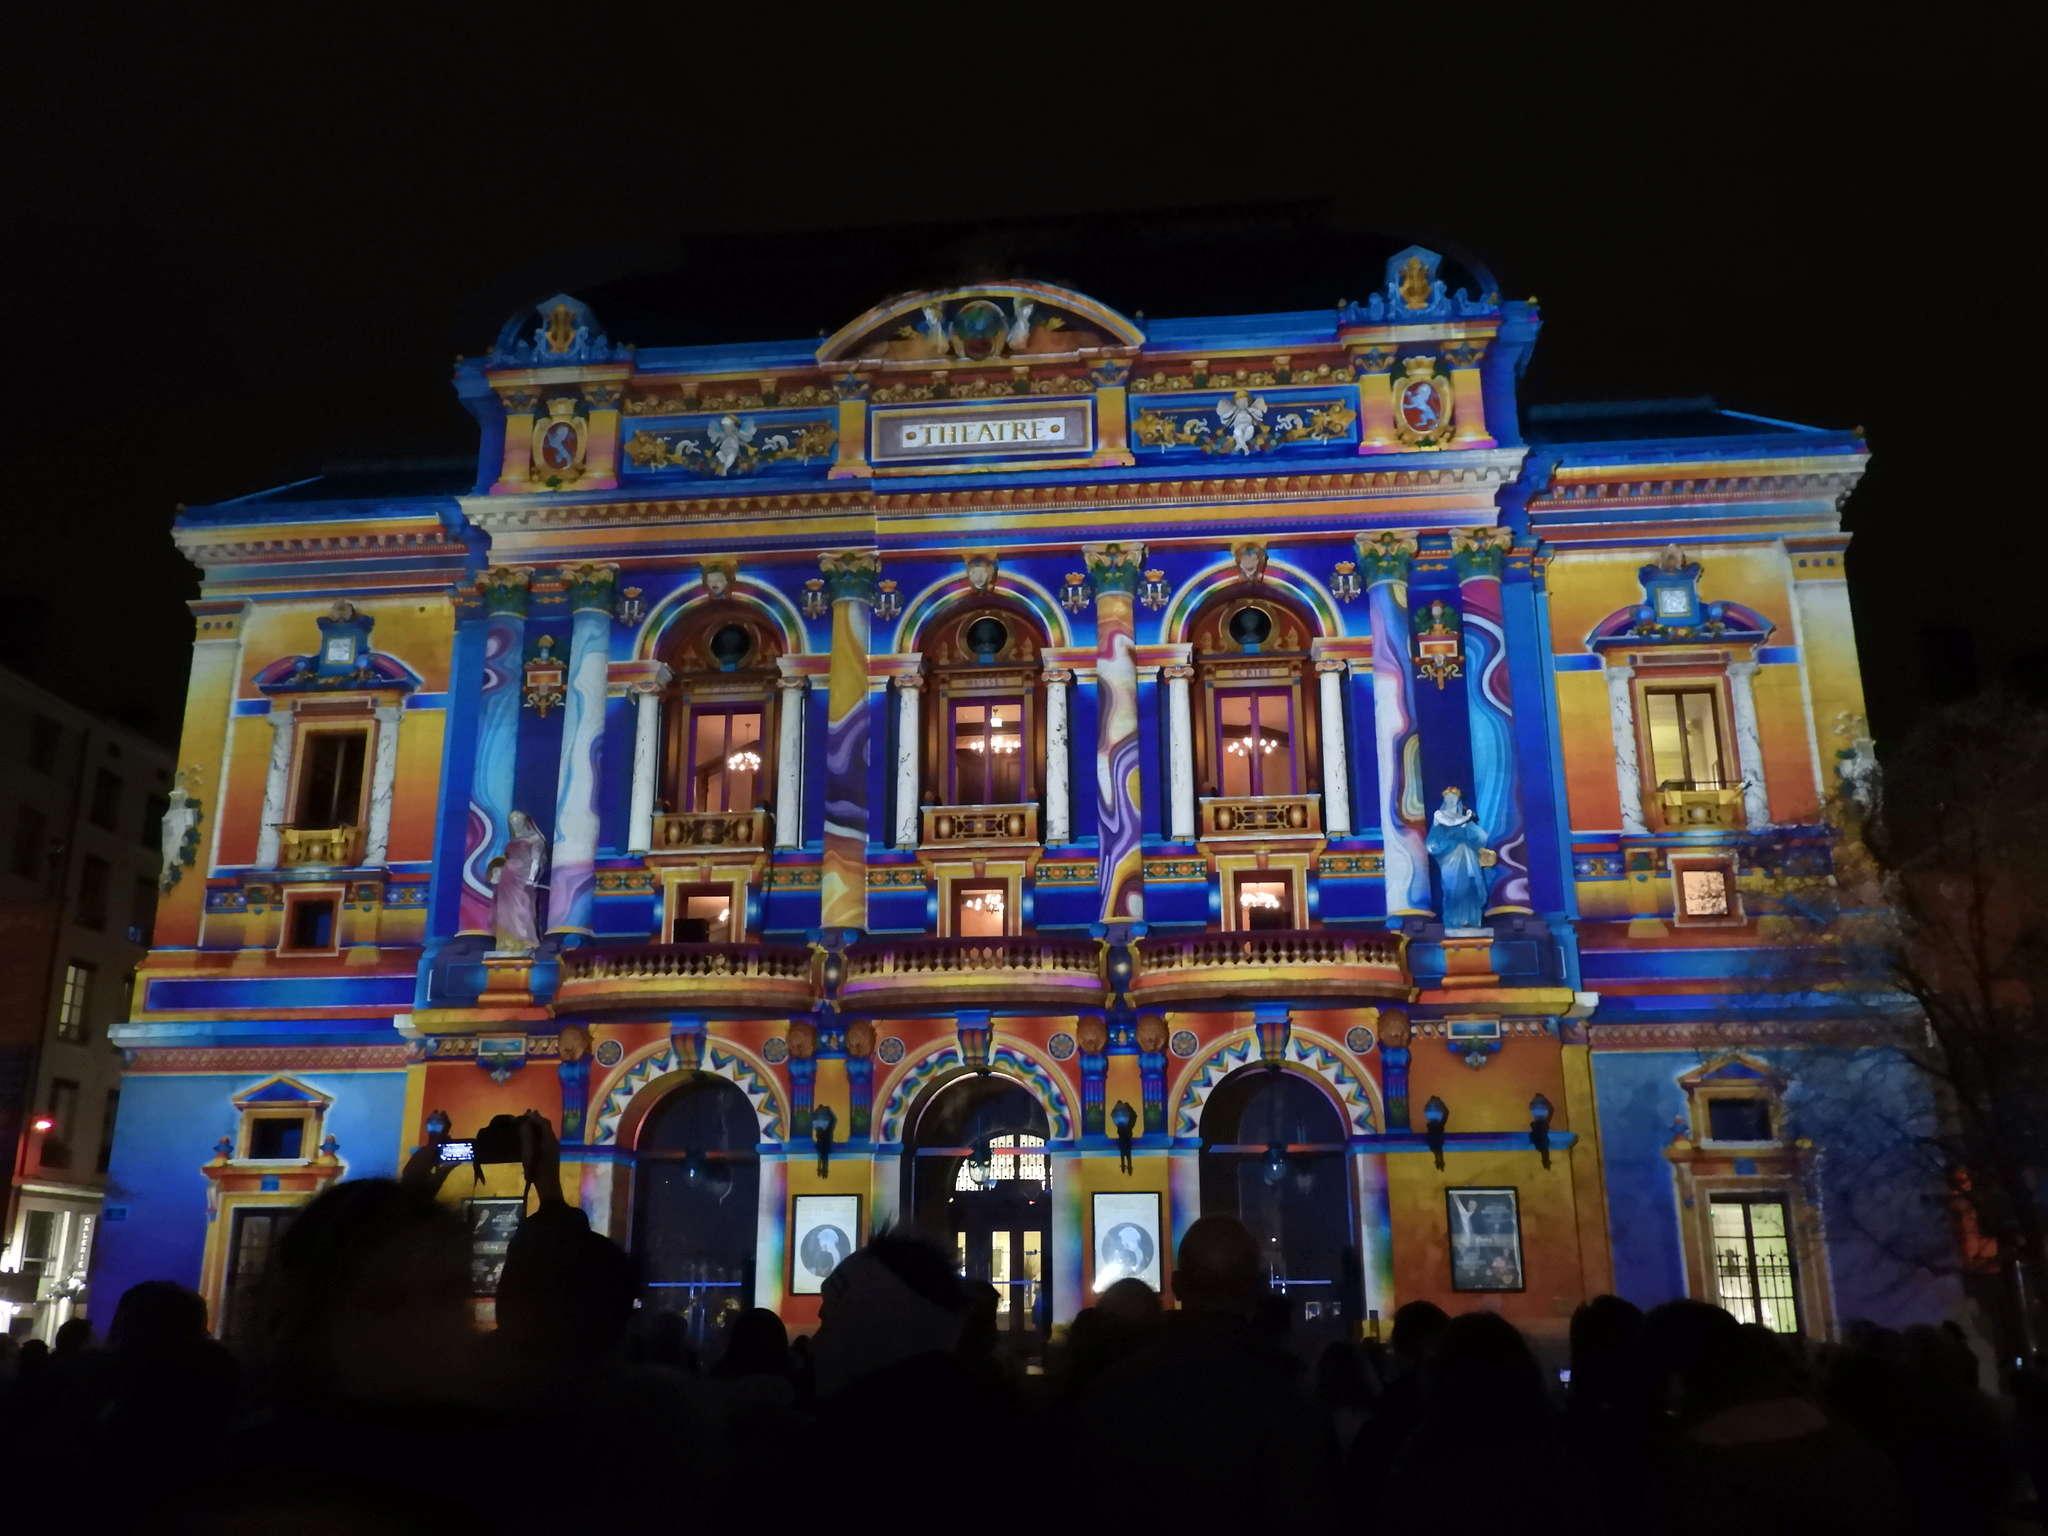 la fête des lumières: un 8 décembre multicolore à LYON  Dscn2213